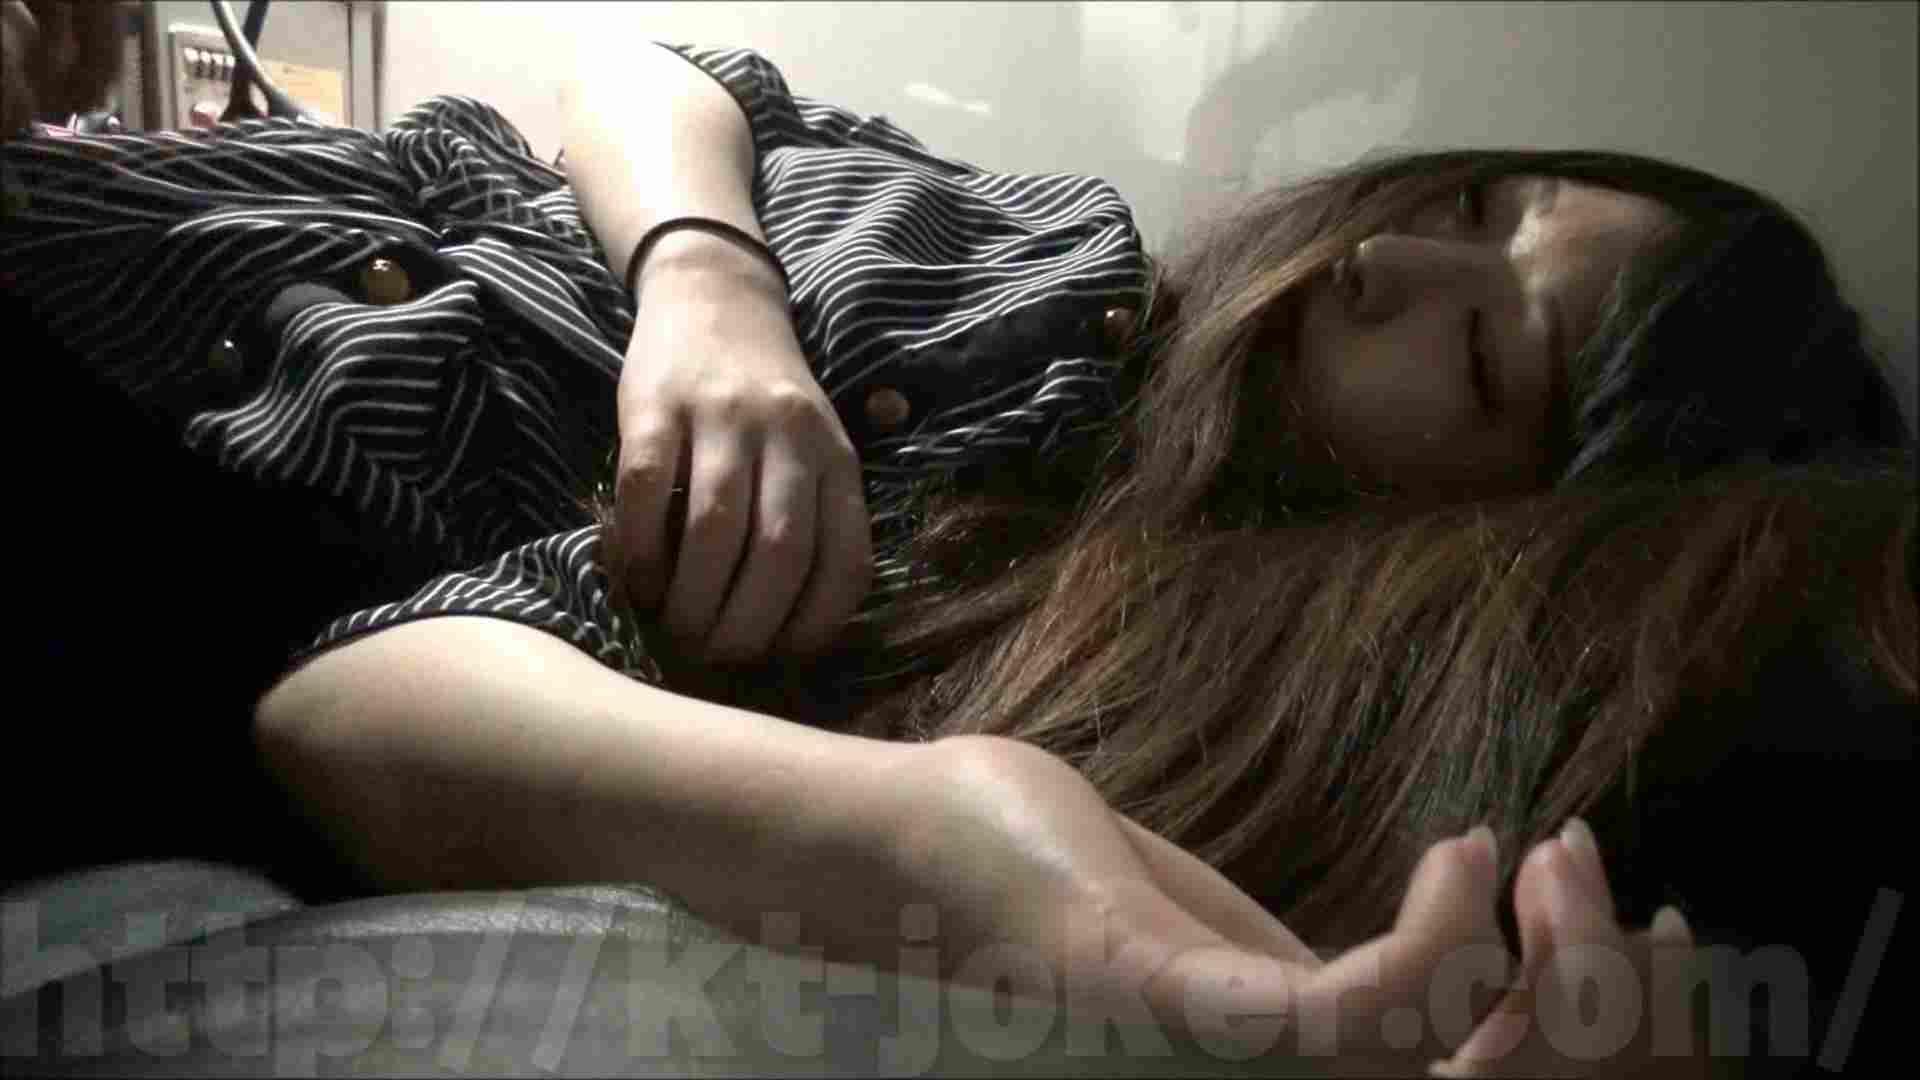 イ・タ・ズ・ラ劇場 Vol.32 女子大生 盗み撮りオマンコ動画キャプチャ 92画像 22